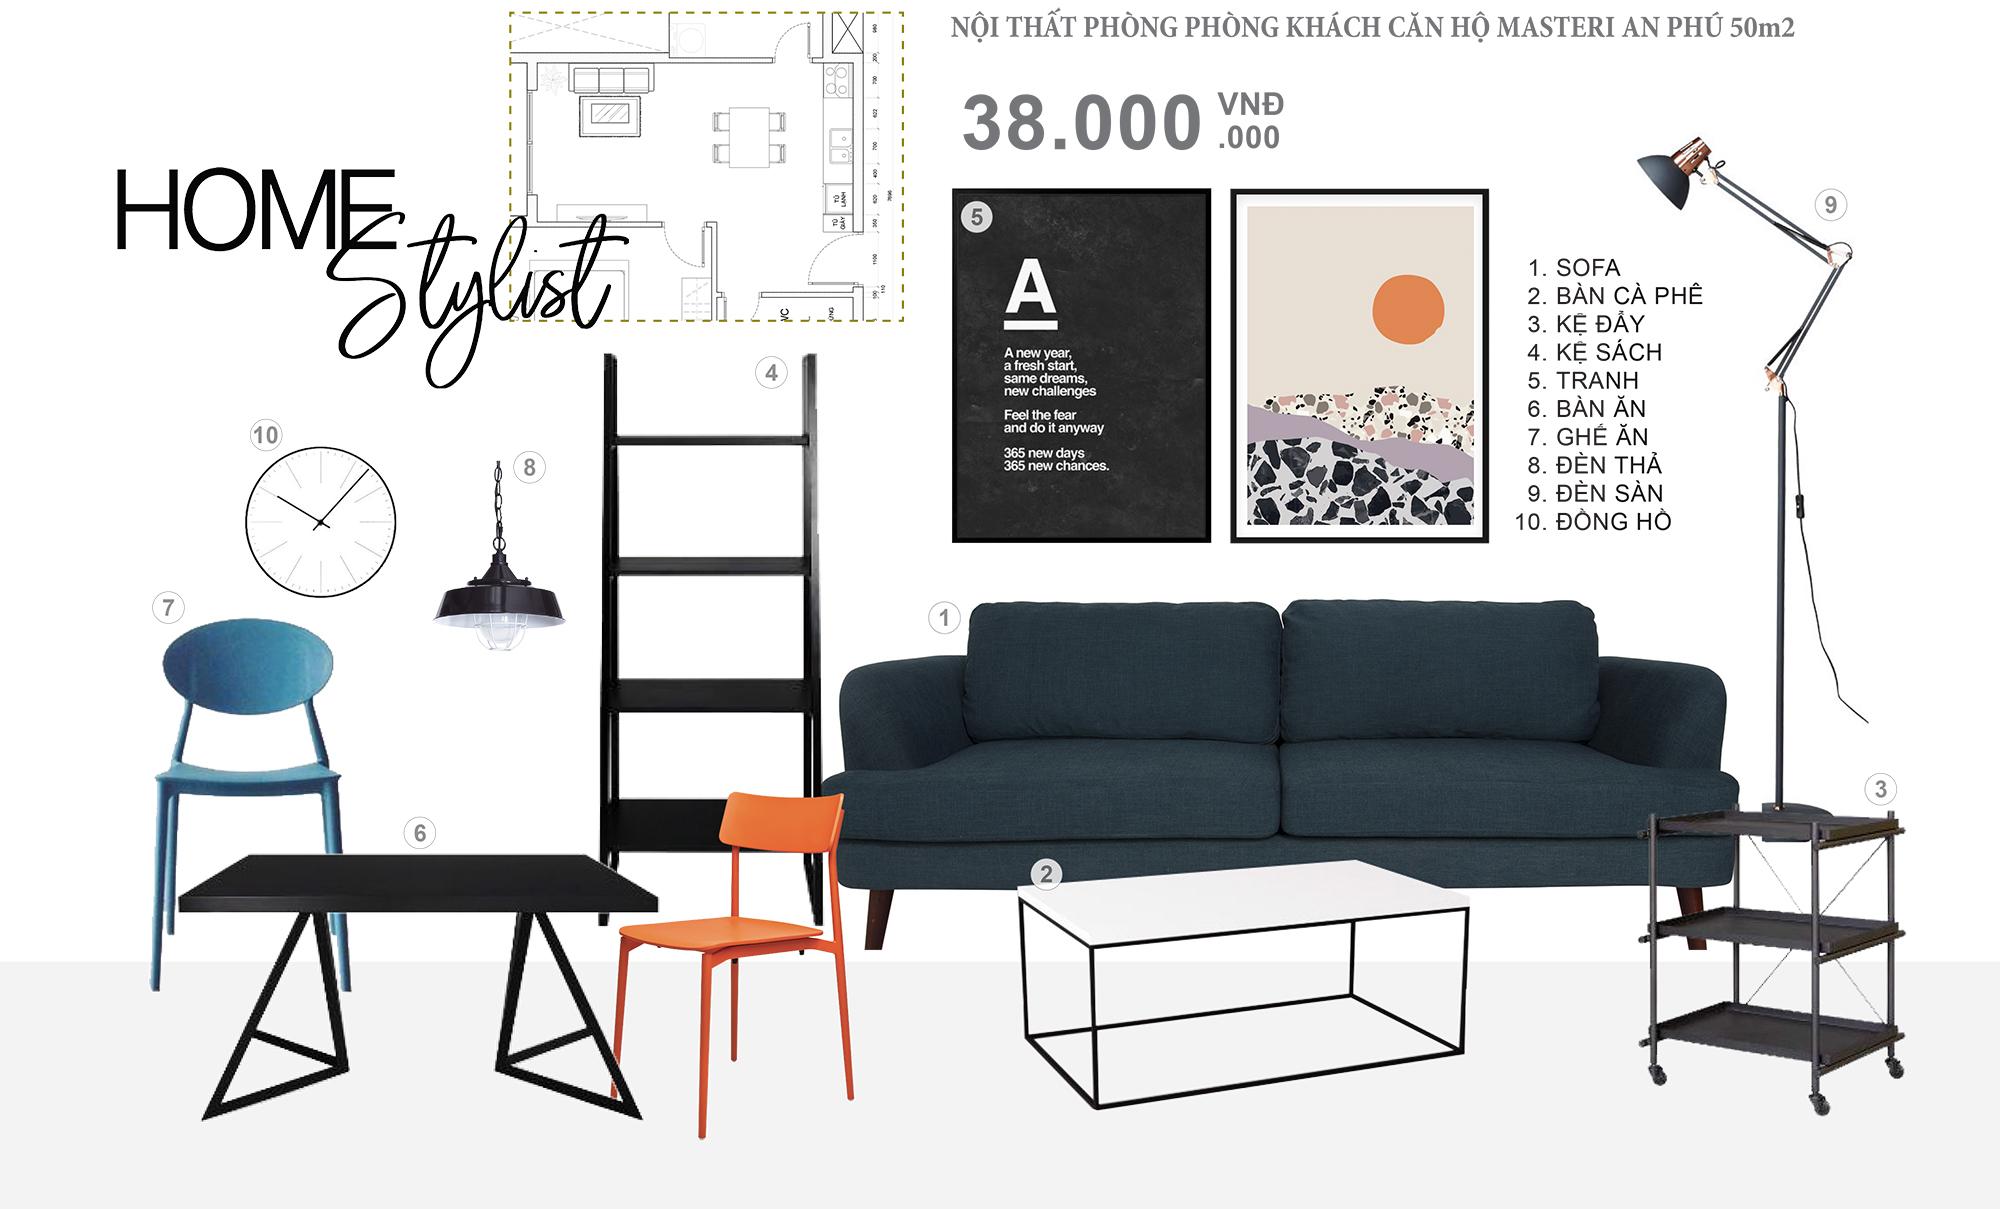 Concept nội thất phòng khách căn hộ Masteri - Mẫu concept là sự tối giản nhưng đảm bảo sự tiện nghi cho không gian căn hộ.